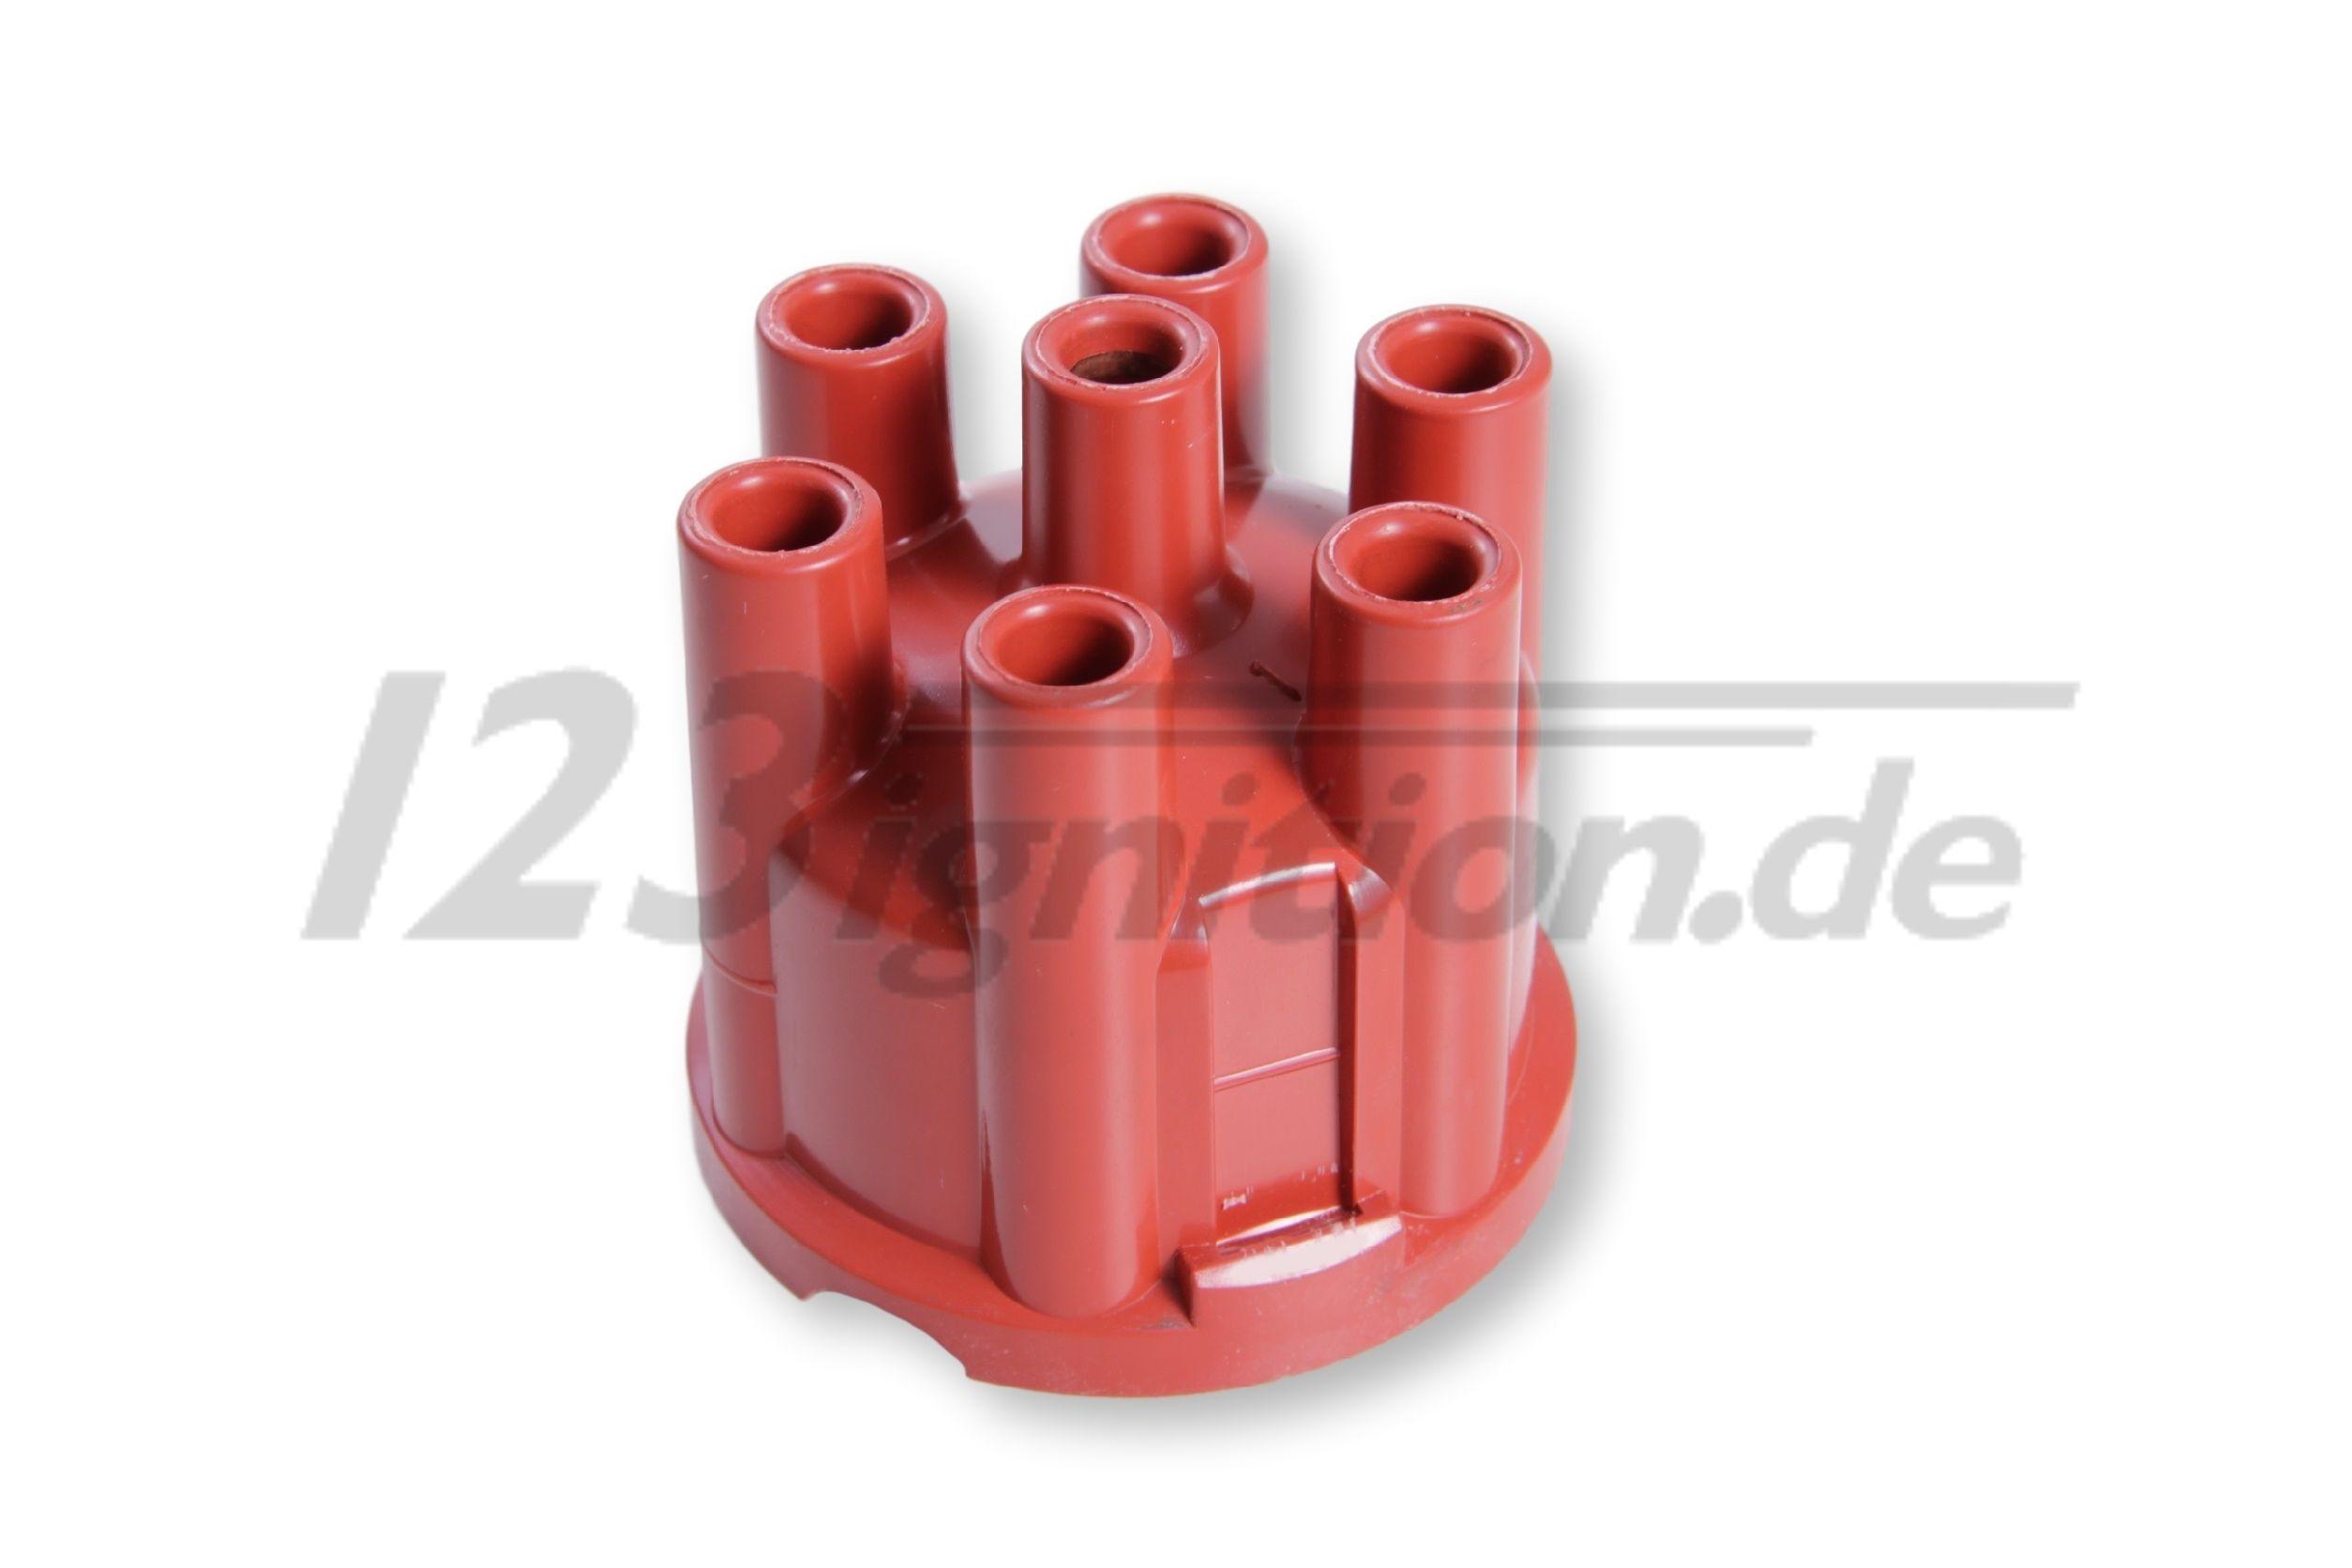 Verteilerkappe Bosch-Typ 6 Zylinder 123 ignition